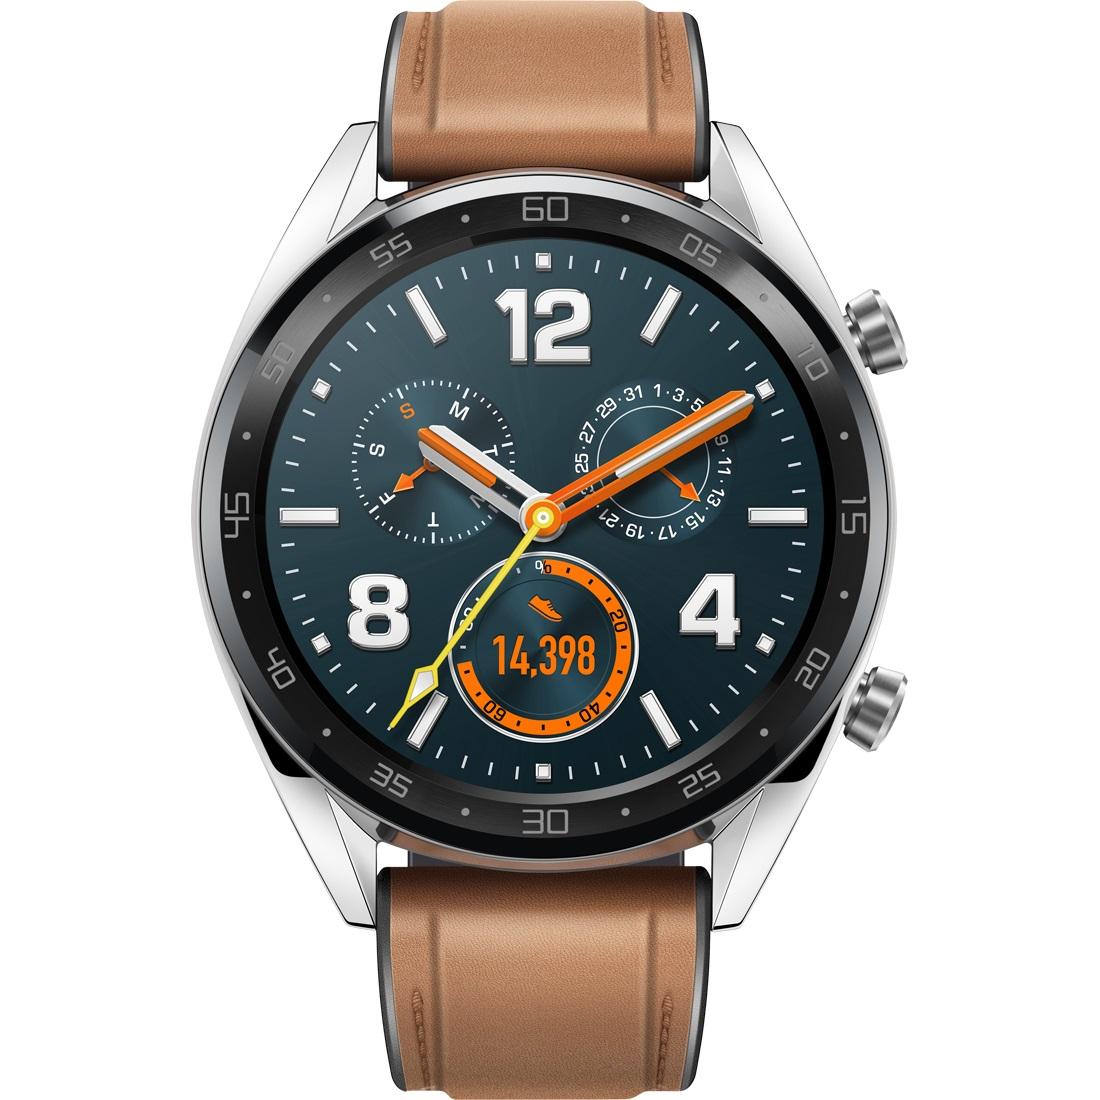 Huawei Watch GT smartwatch